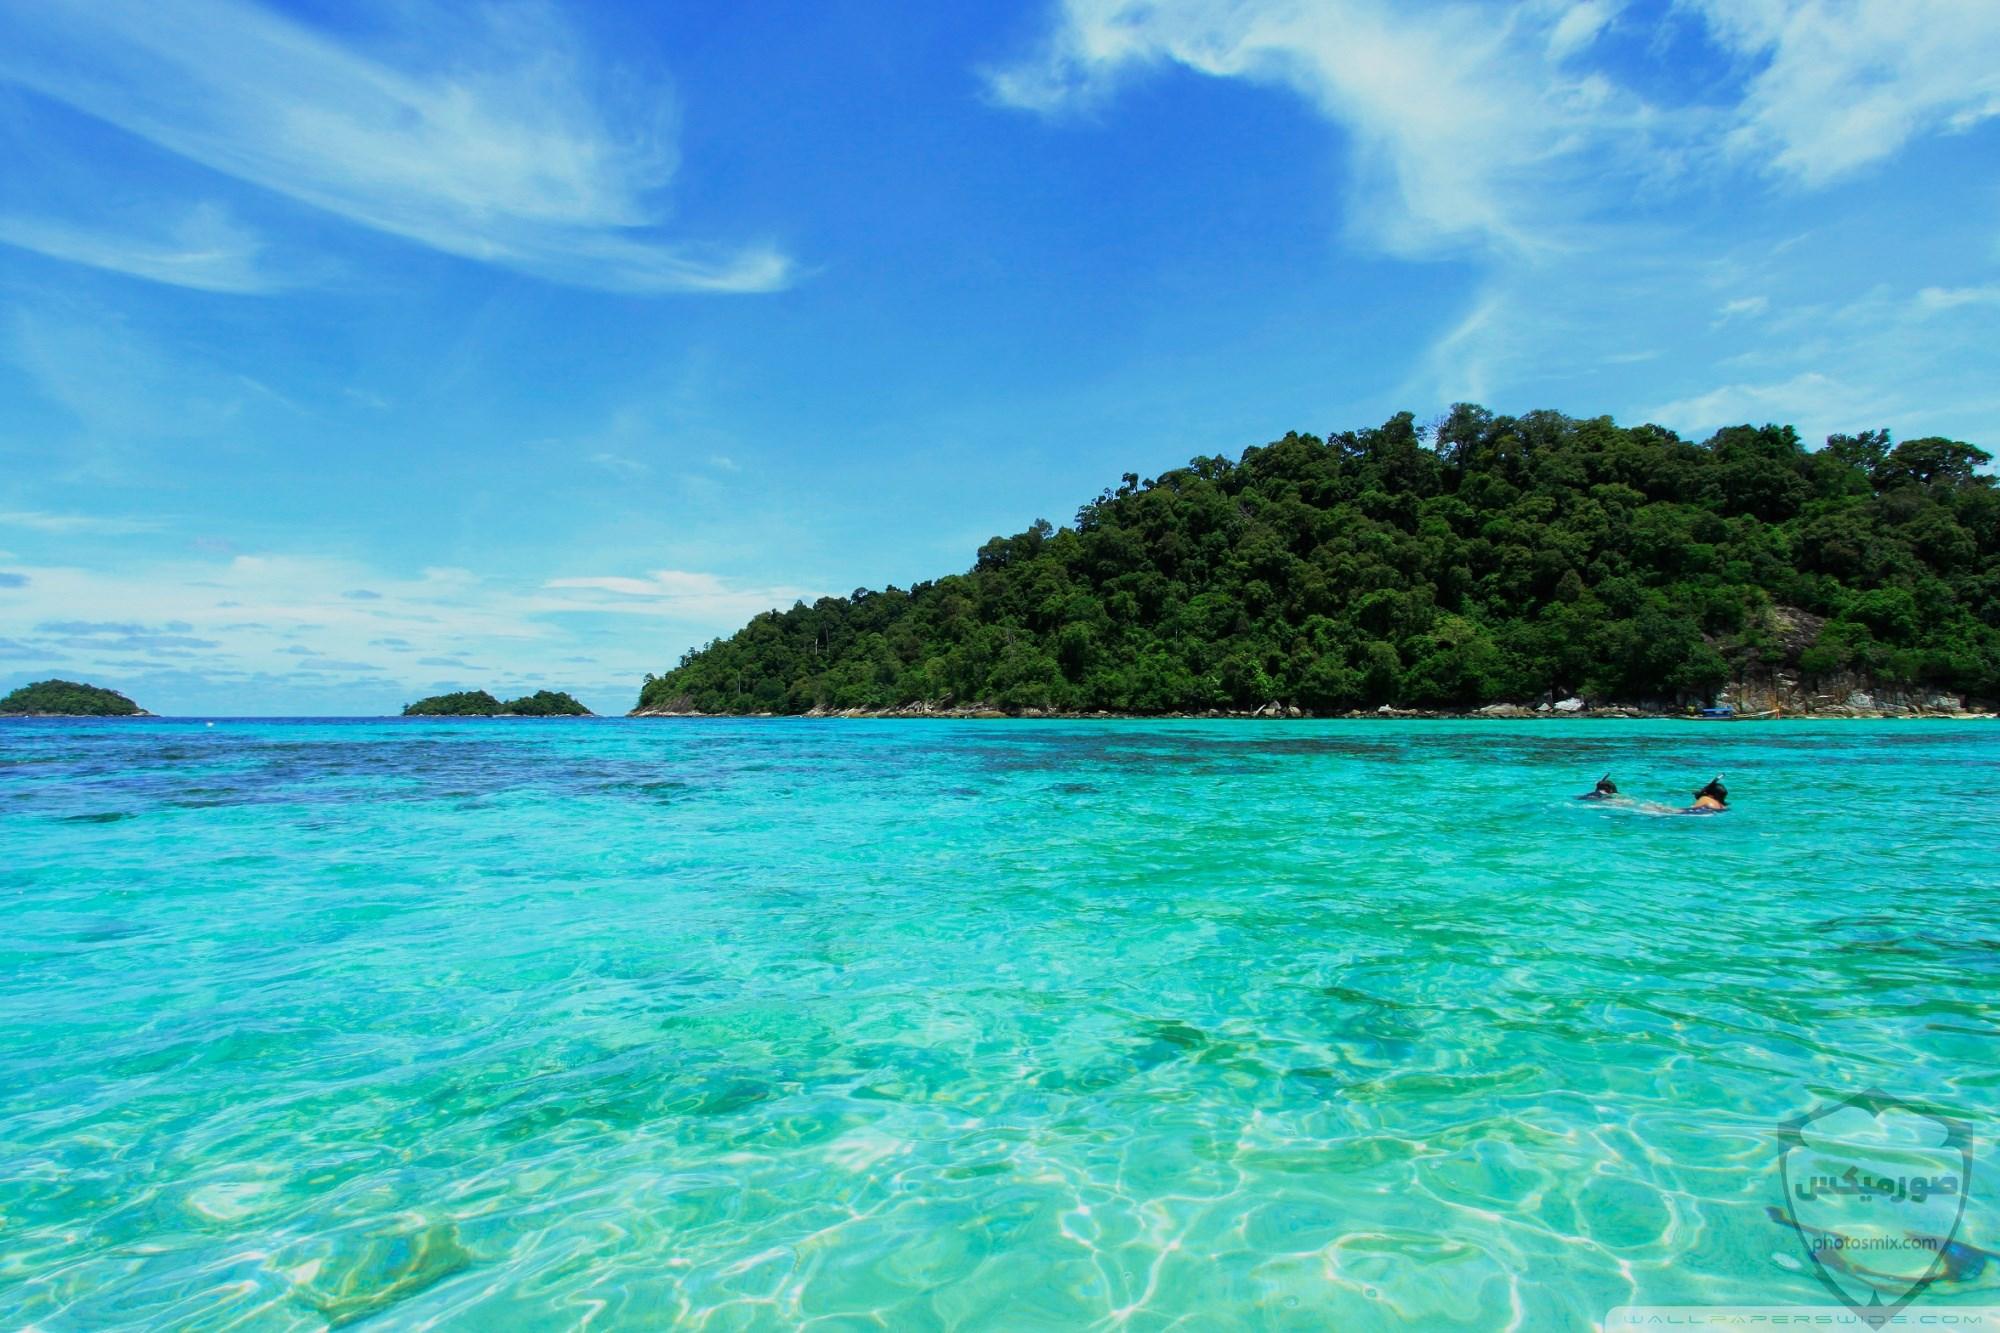 صور بحر وشاطئ صور وخلفيات بحور وشواطئ جميلة اجمل خلفيات بحار جودة عالية 21